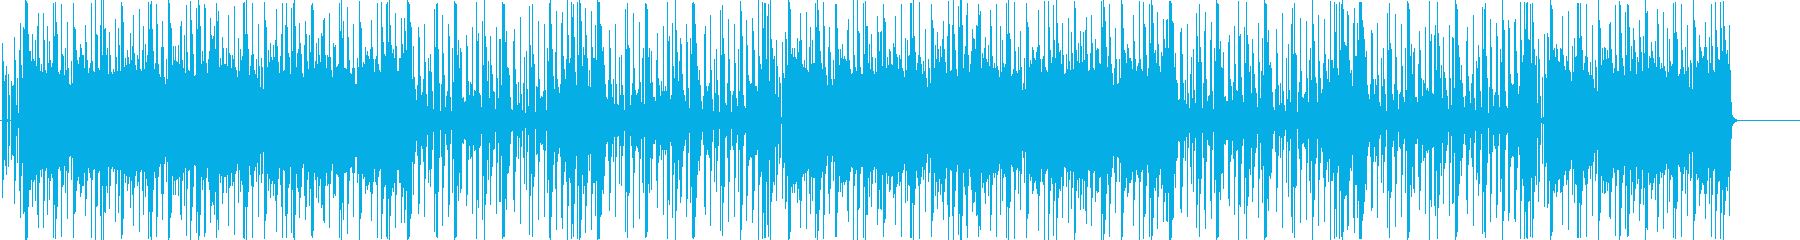 【メロ&掛声なし】和ヒップホップBGMの再生済みの波形